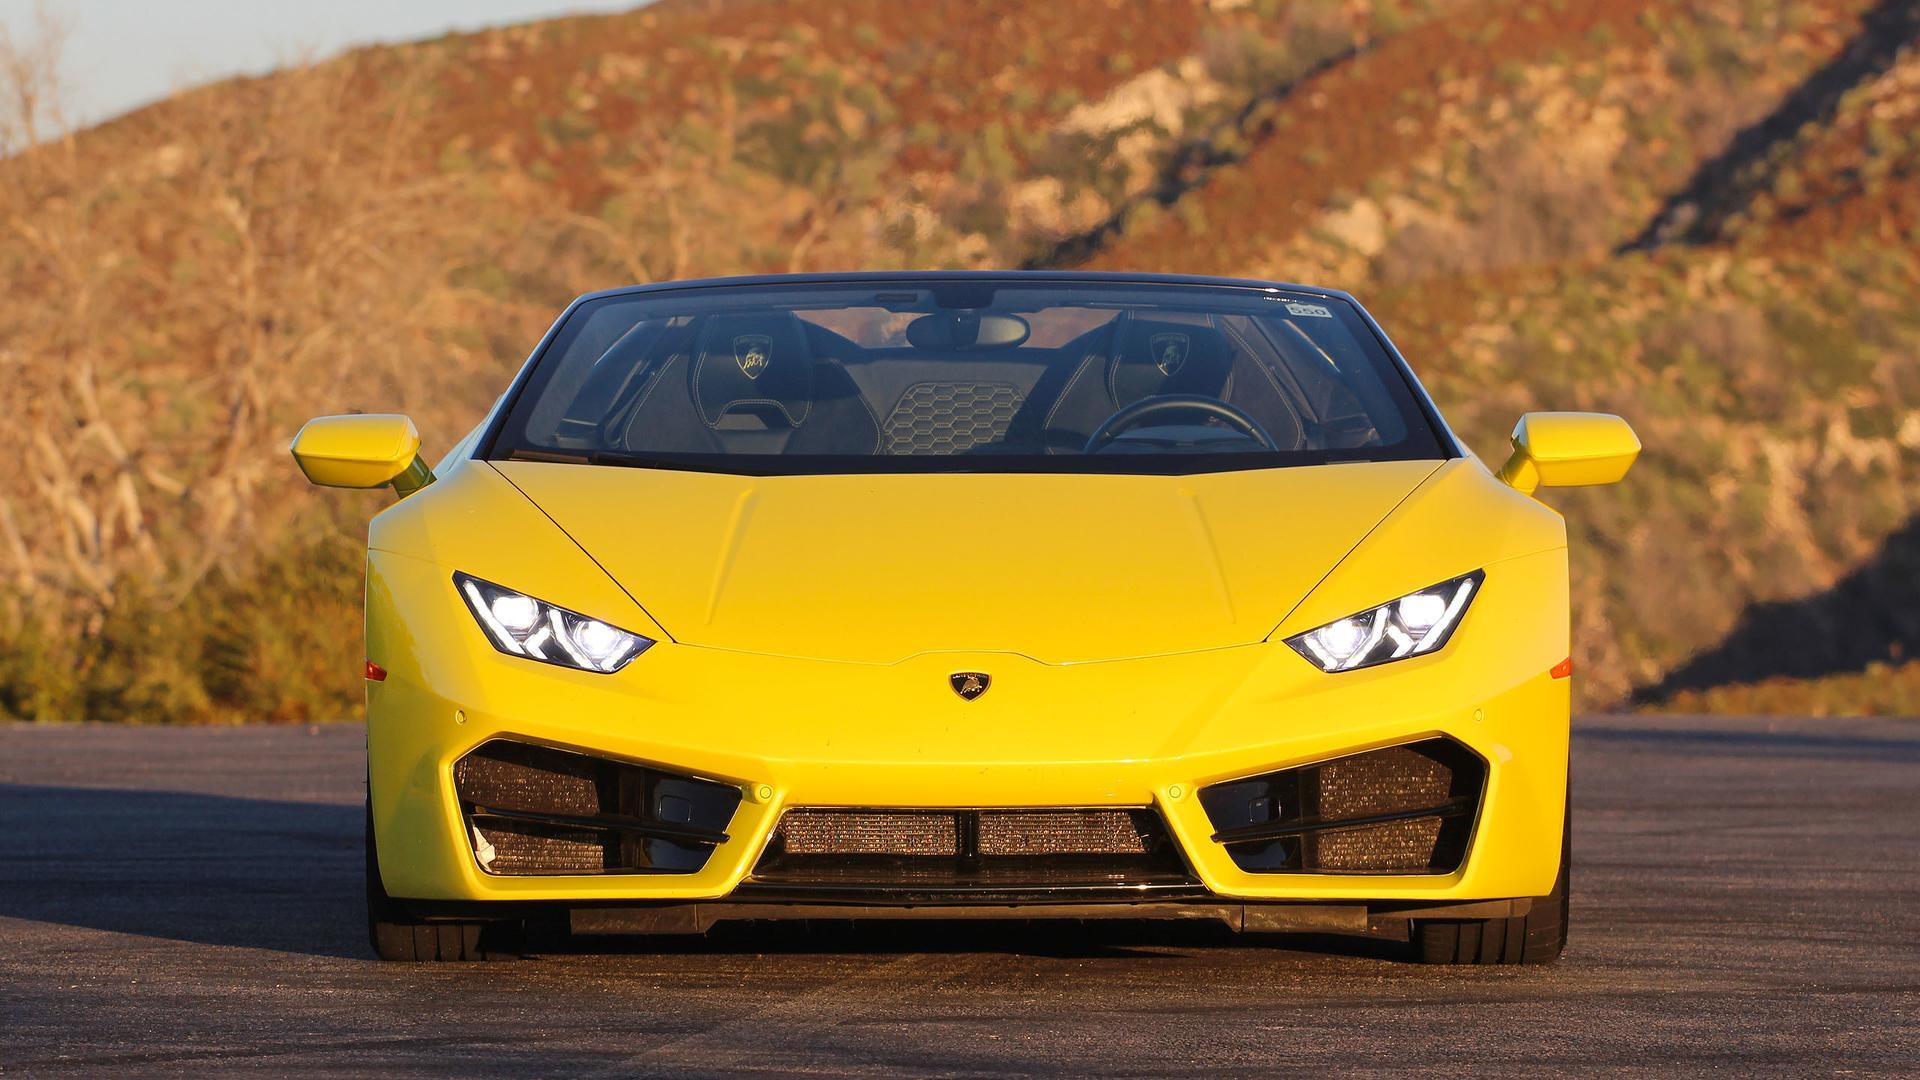 Dubai Lamborghini Speeder Is Unemployed And Disabled